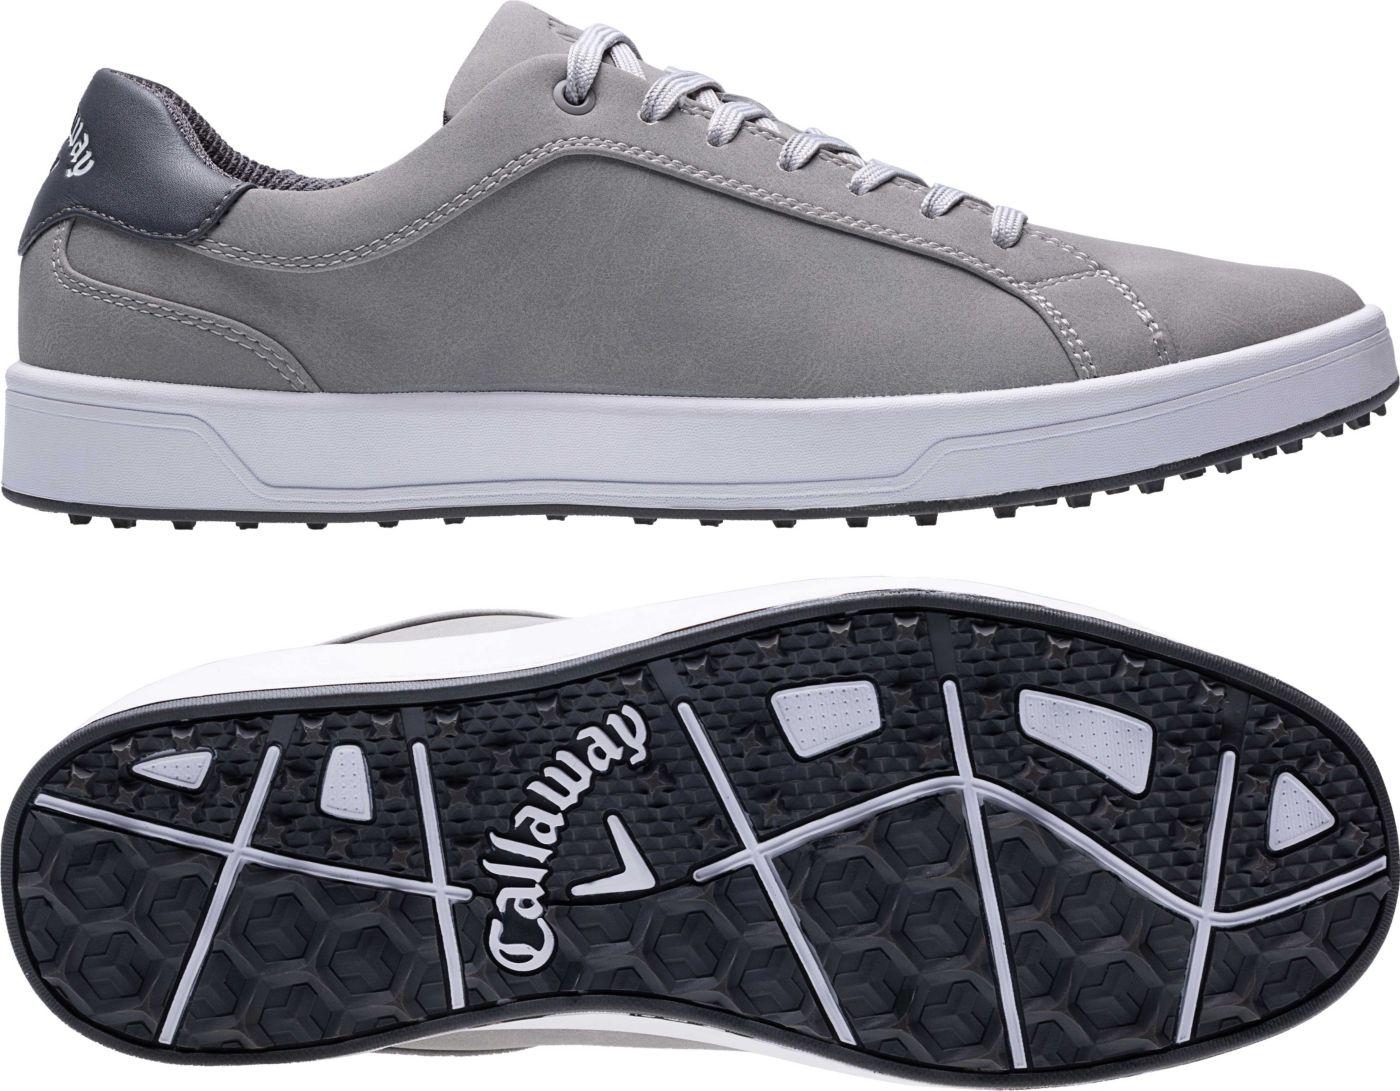 Callaway Men's Del Mar Golf Shoes